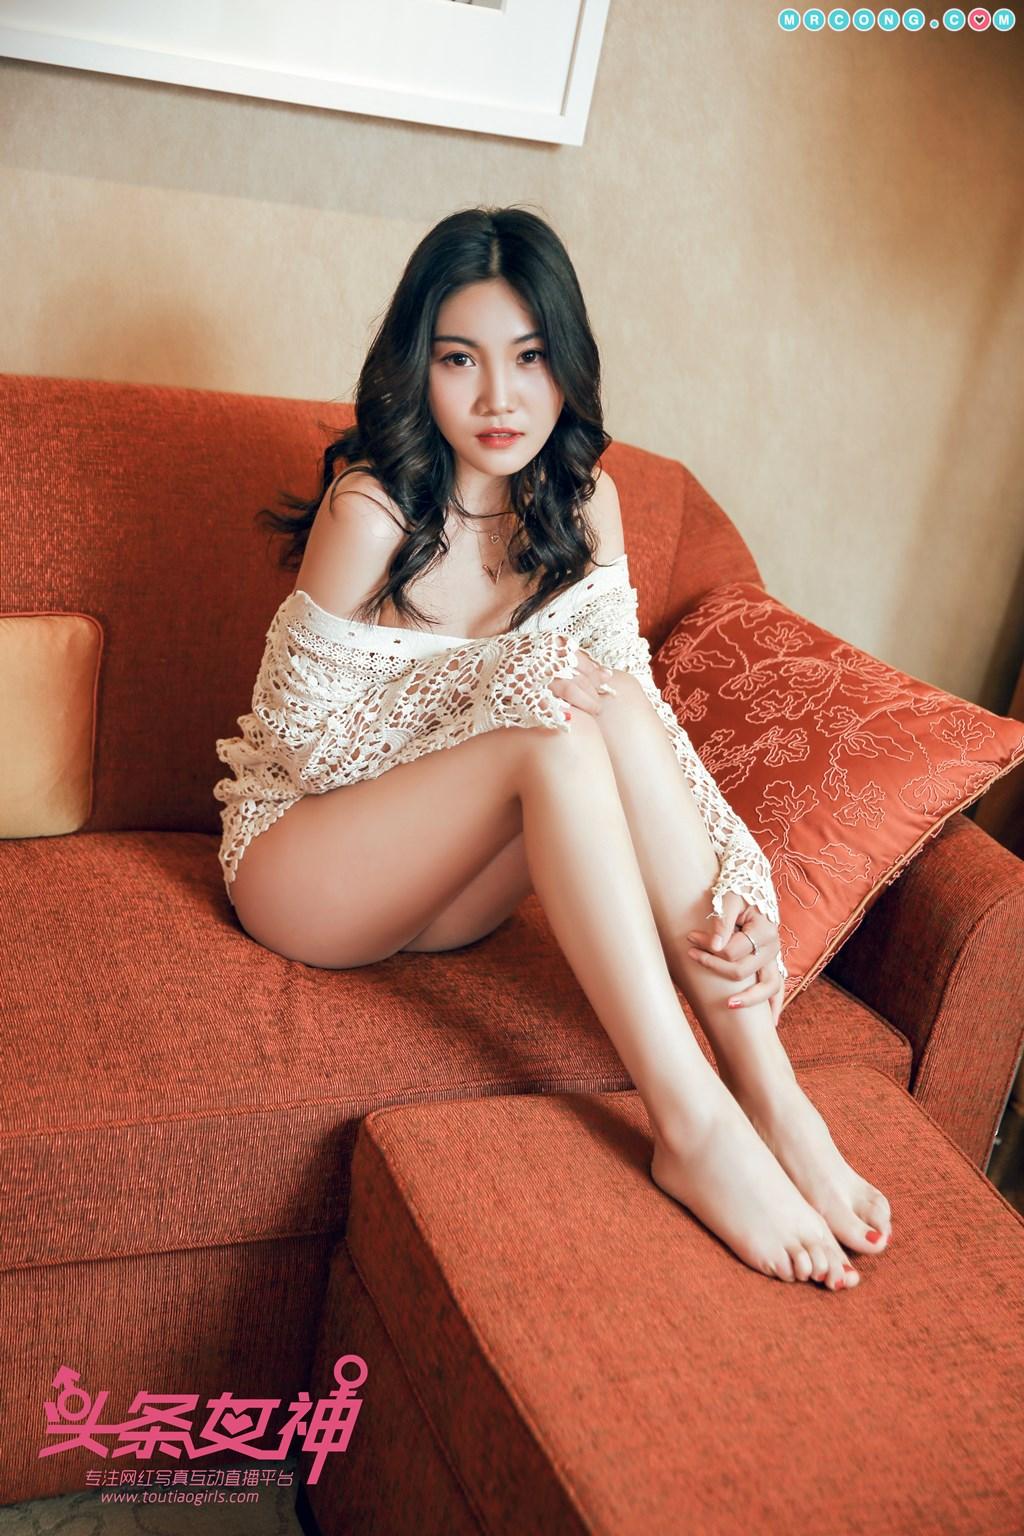 Image TouTiao-2018-04-14-Wan-Jun-MrCong.com-005 in post TouTiao 2018-04-14: Người mẫu Wan Jun (婉君) (26 ảnh)